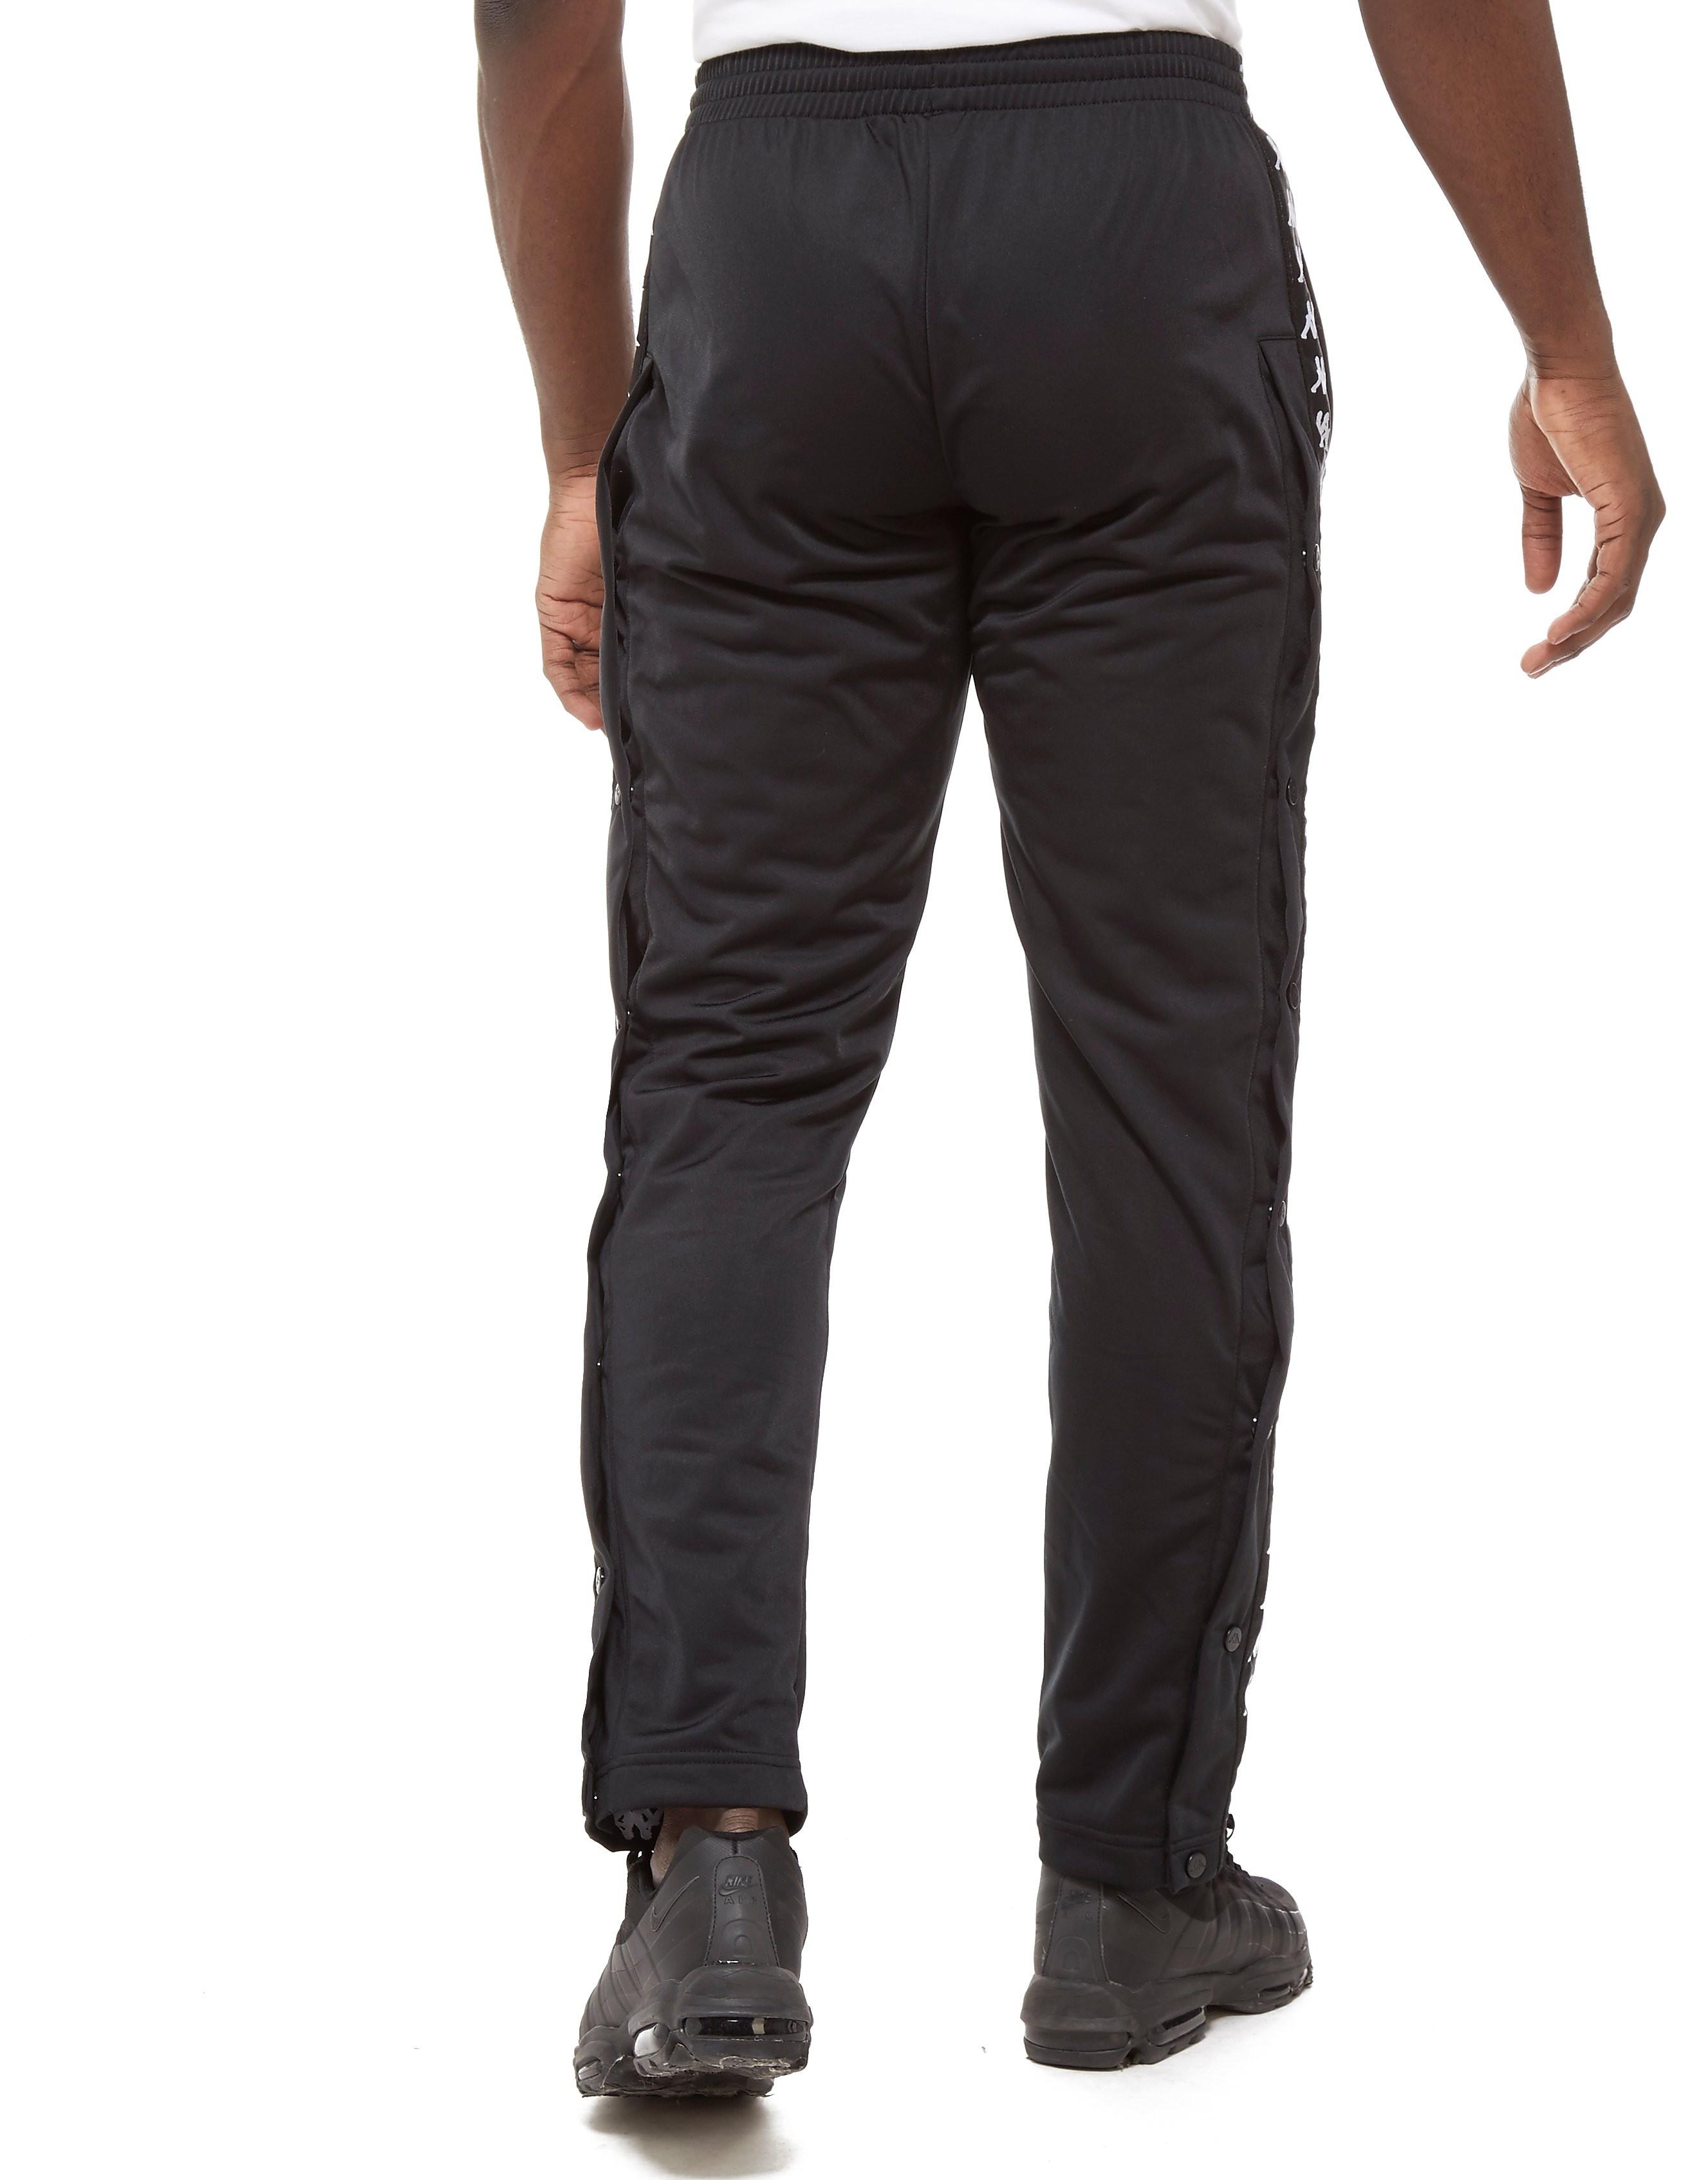 Kappa Astoria Snap Pants Heren